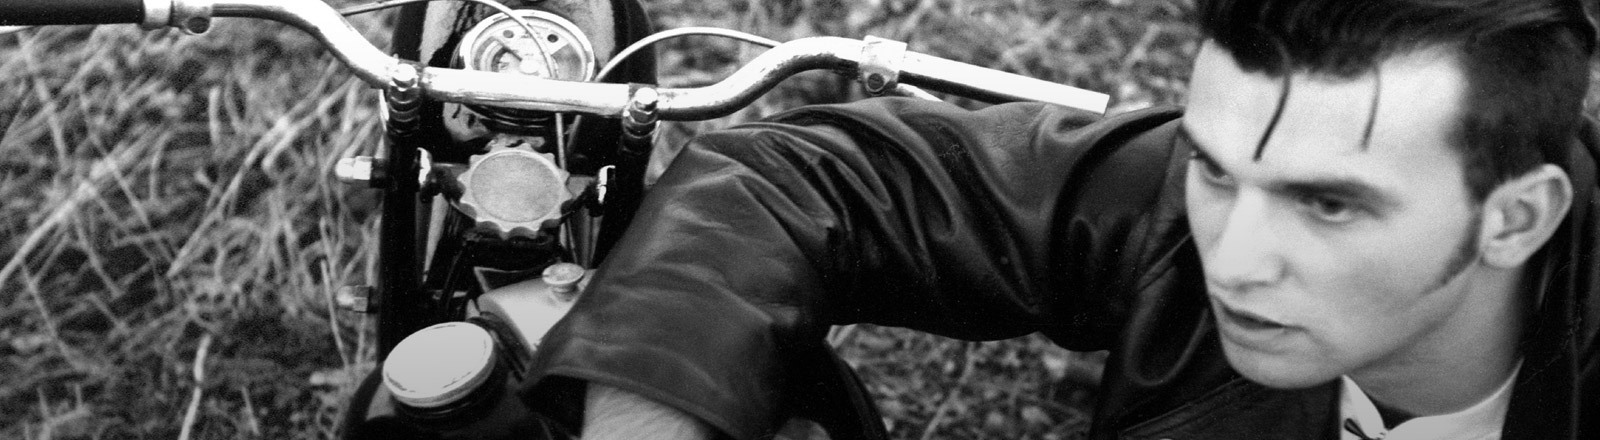 Ein Mann in Lederjacke lehnt auf seinem Motorrad.